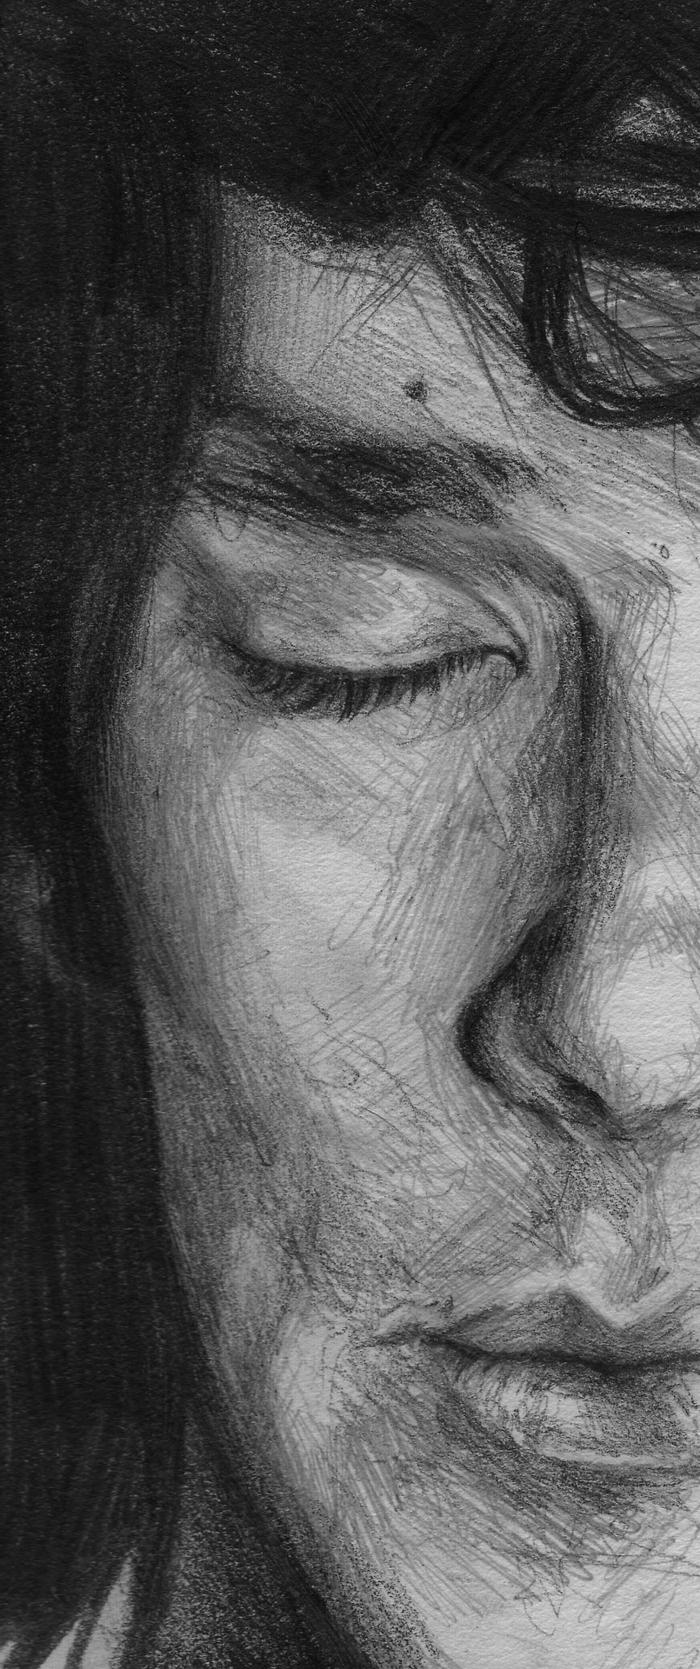 1001   photos de dessin noir et blanc qui vont vous aider  u00e0 am u00e9liorer votre technique